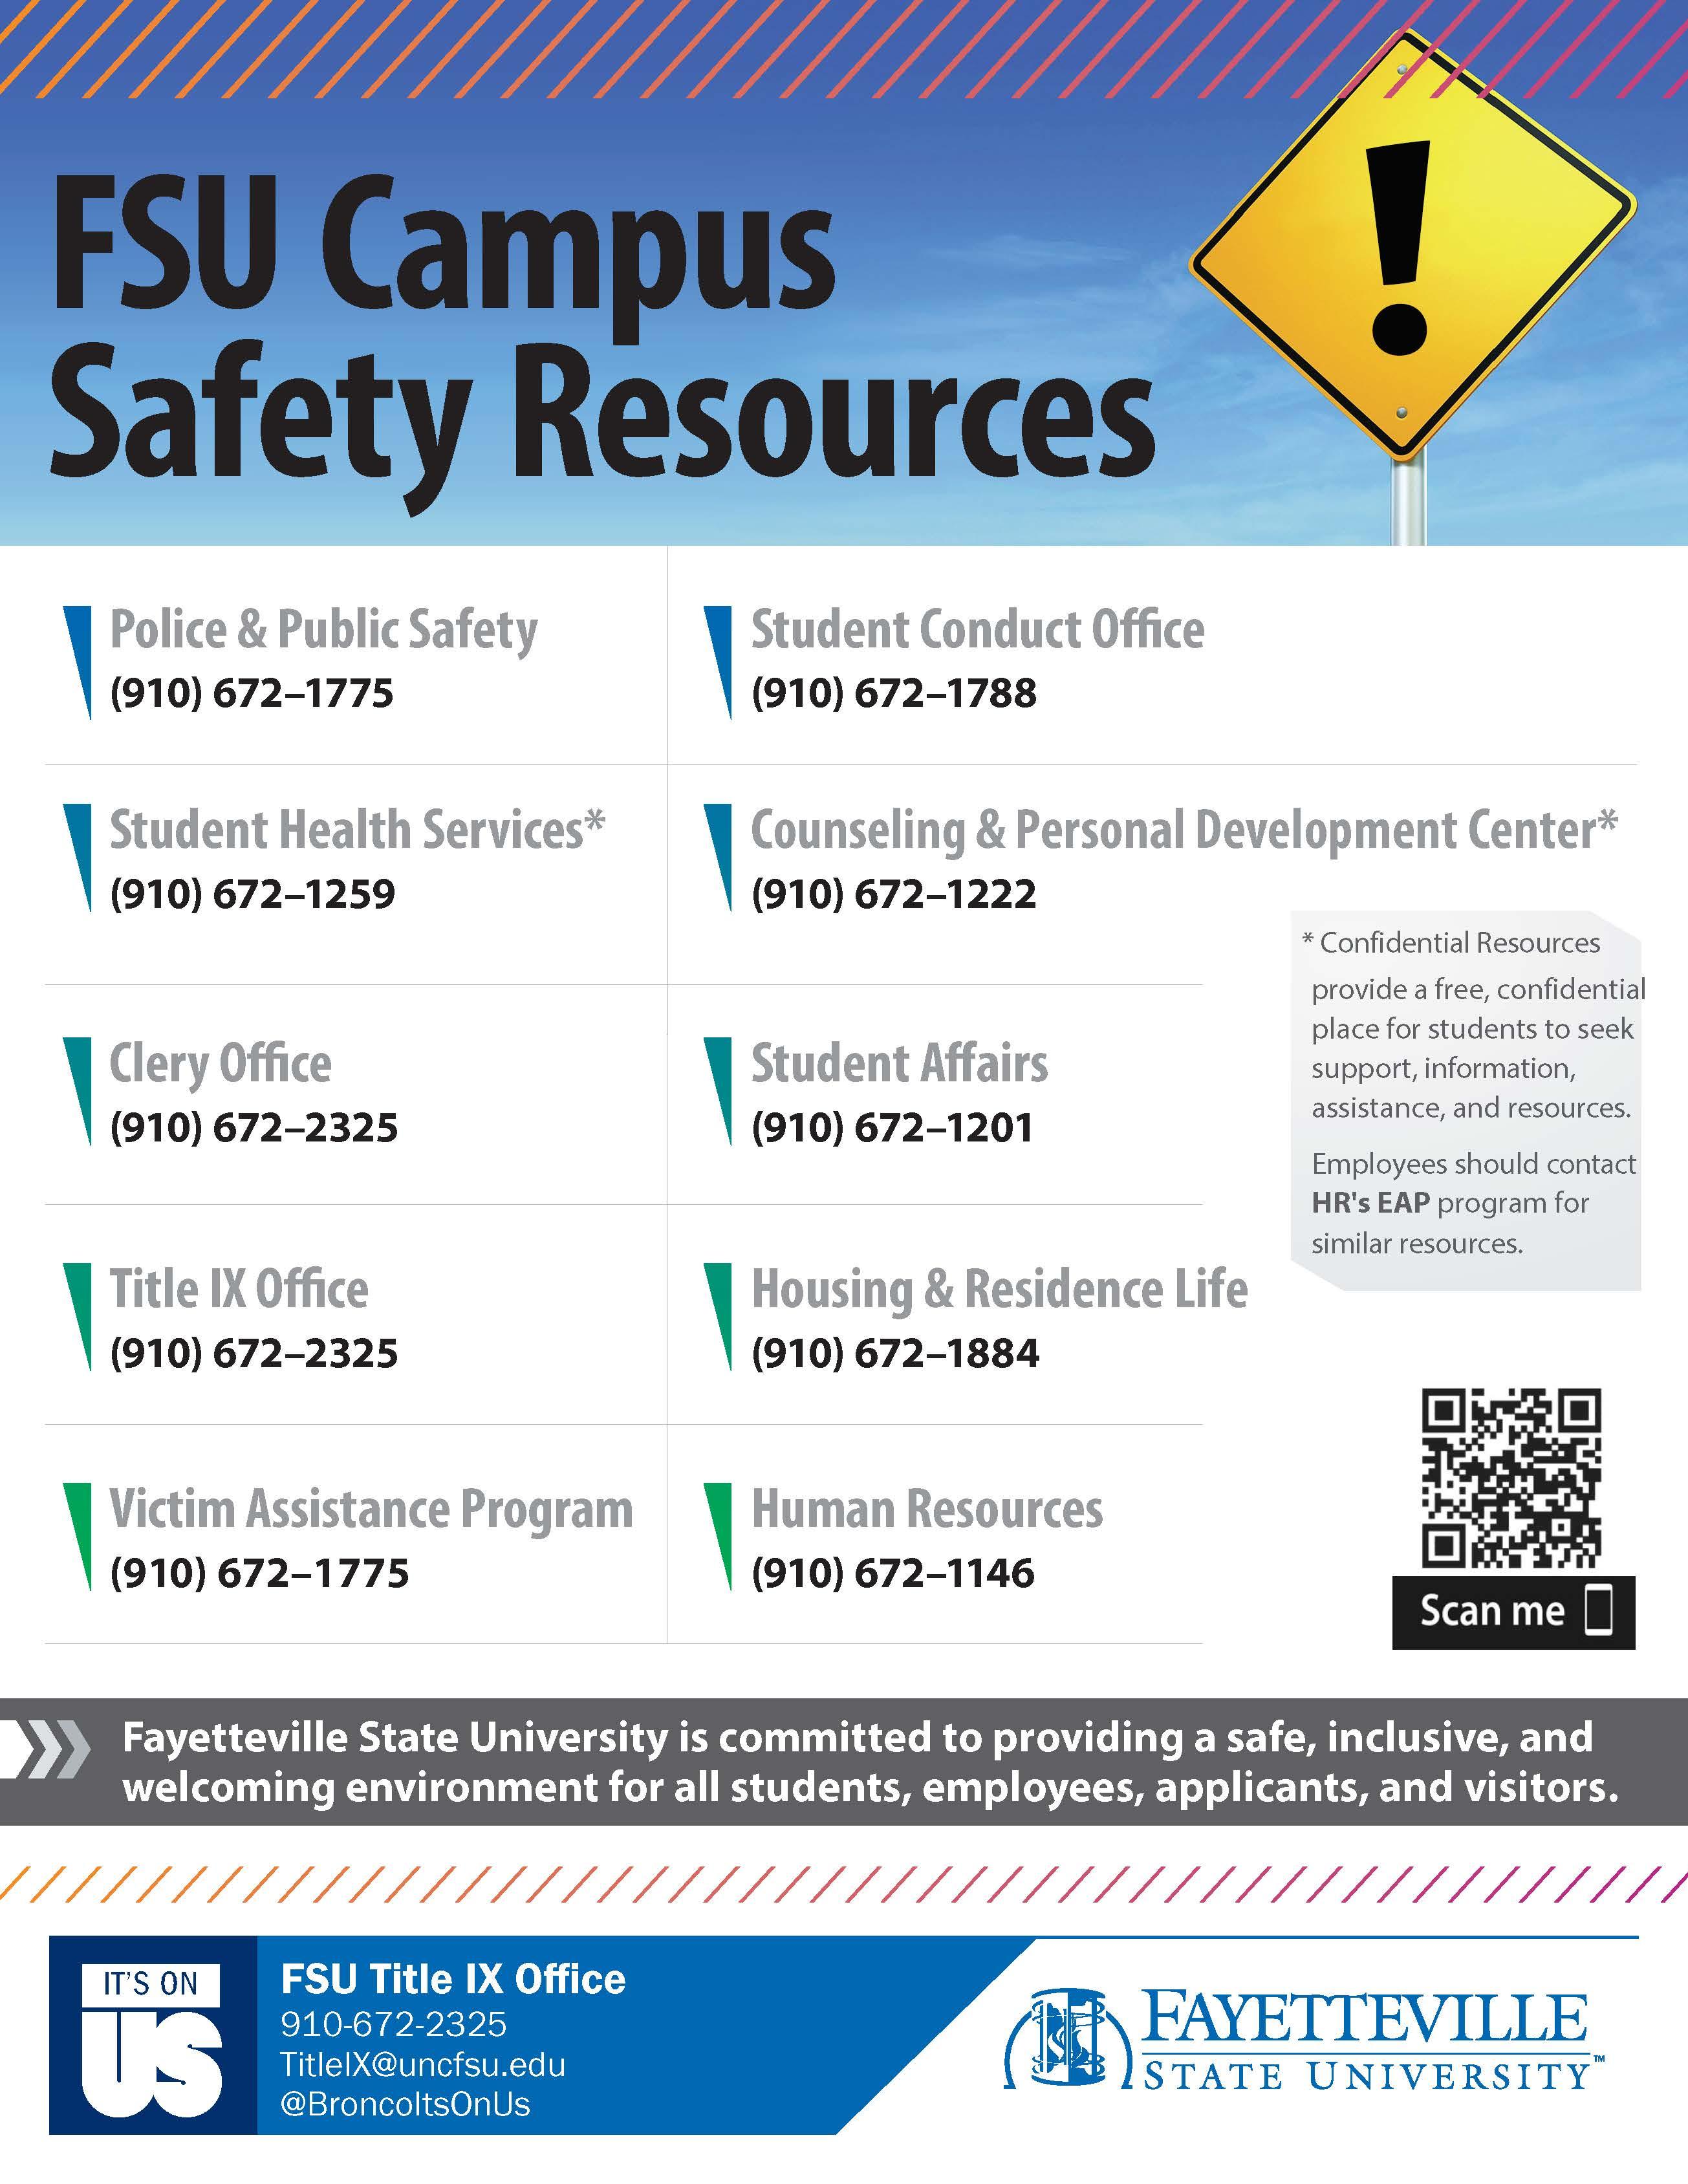 FSU Campus Safety Resources